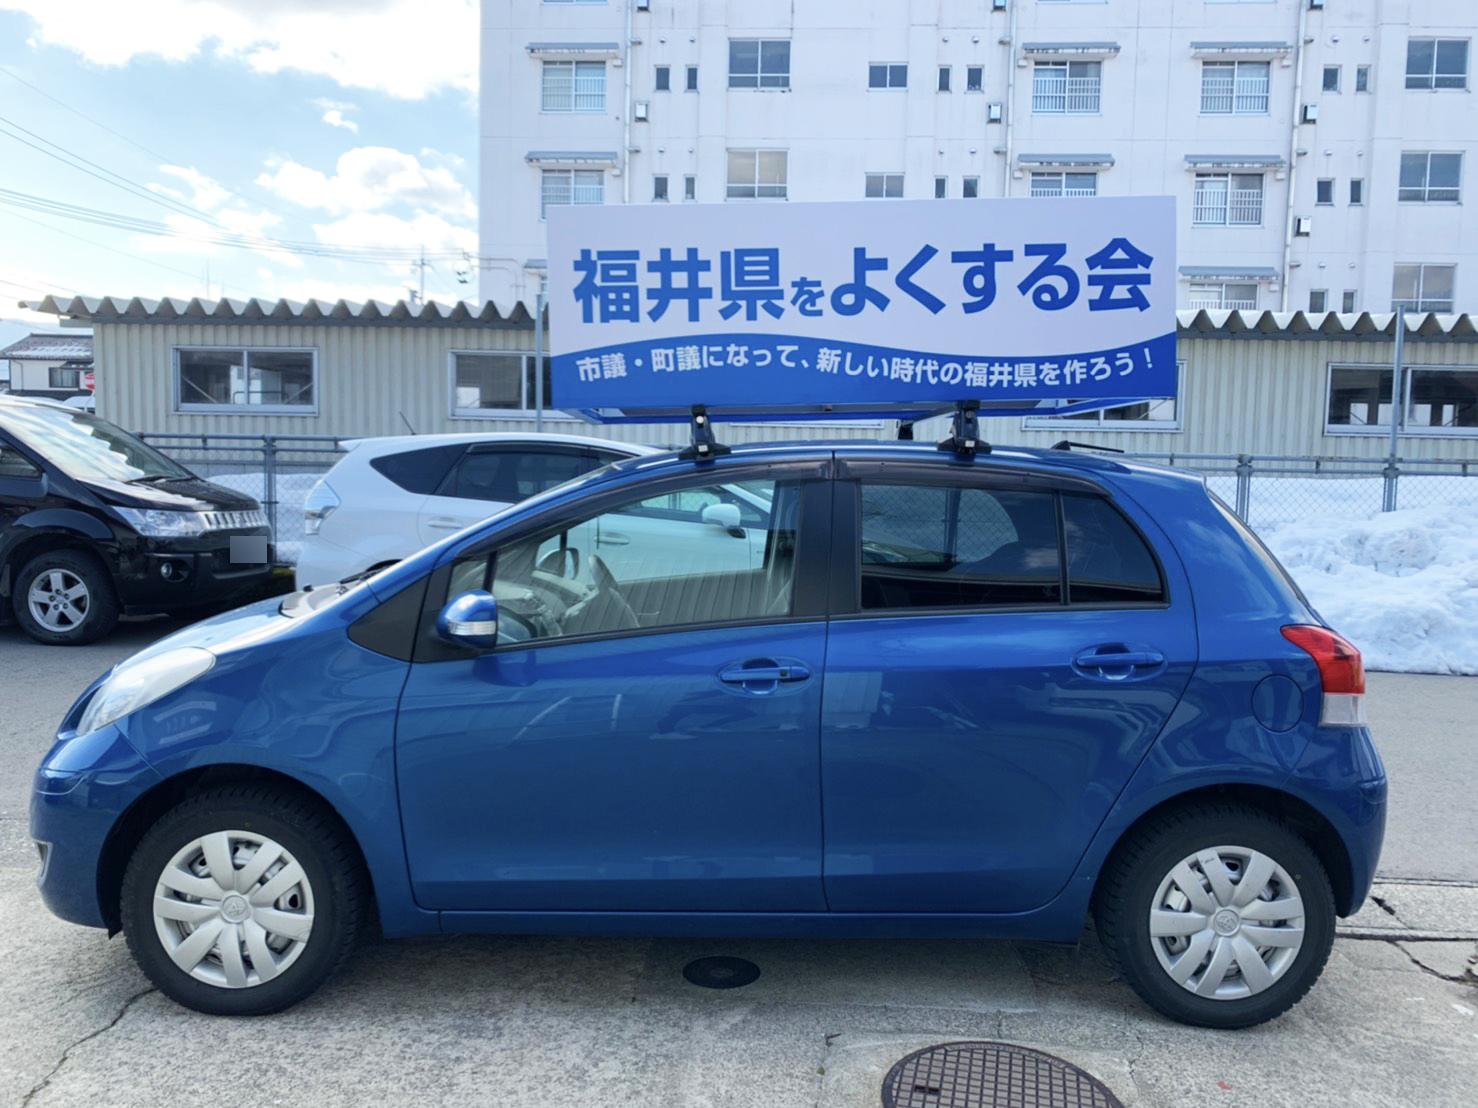 【選挙カー看板を製作しました】車両に合わせたサイズ、ご使用用途にて製作いたします。ターポリン生地で軽量!